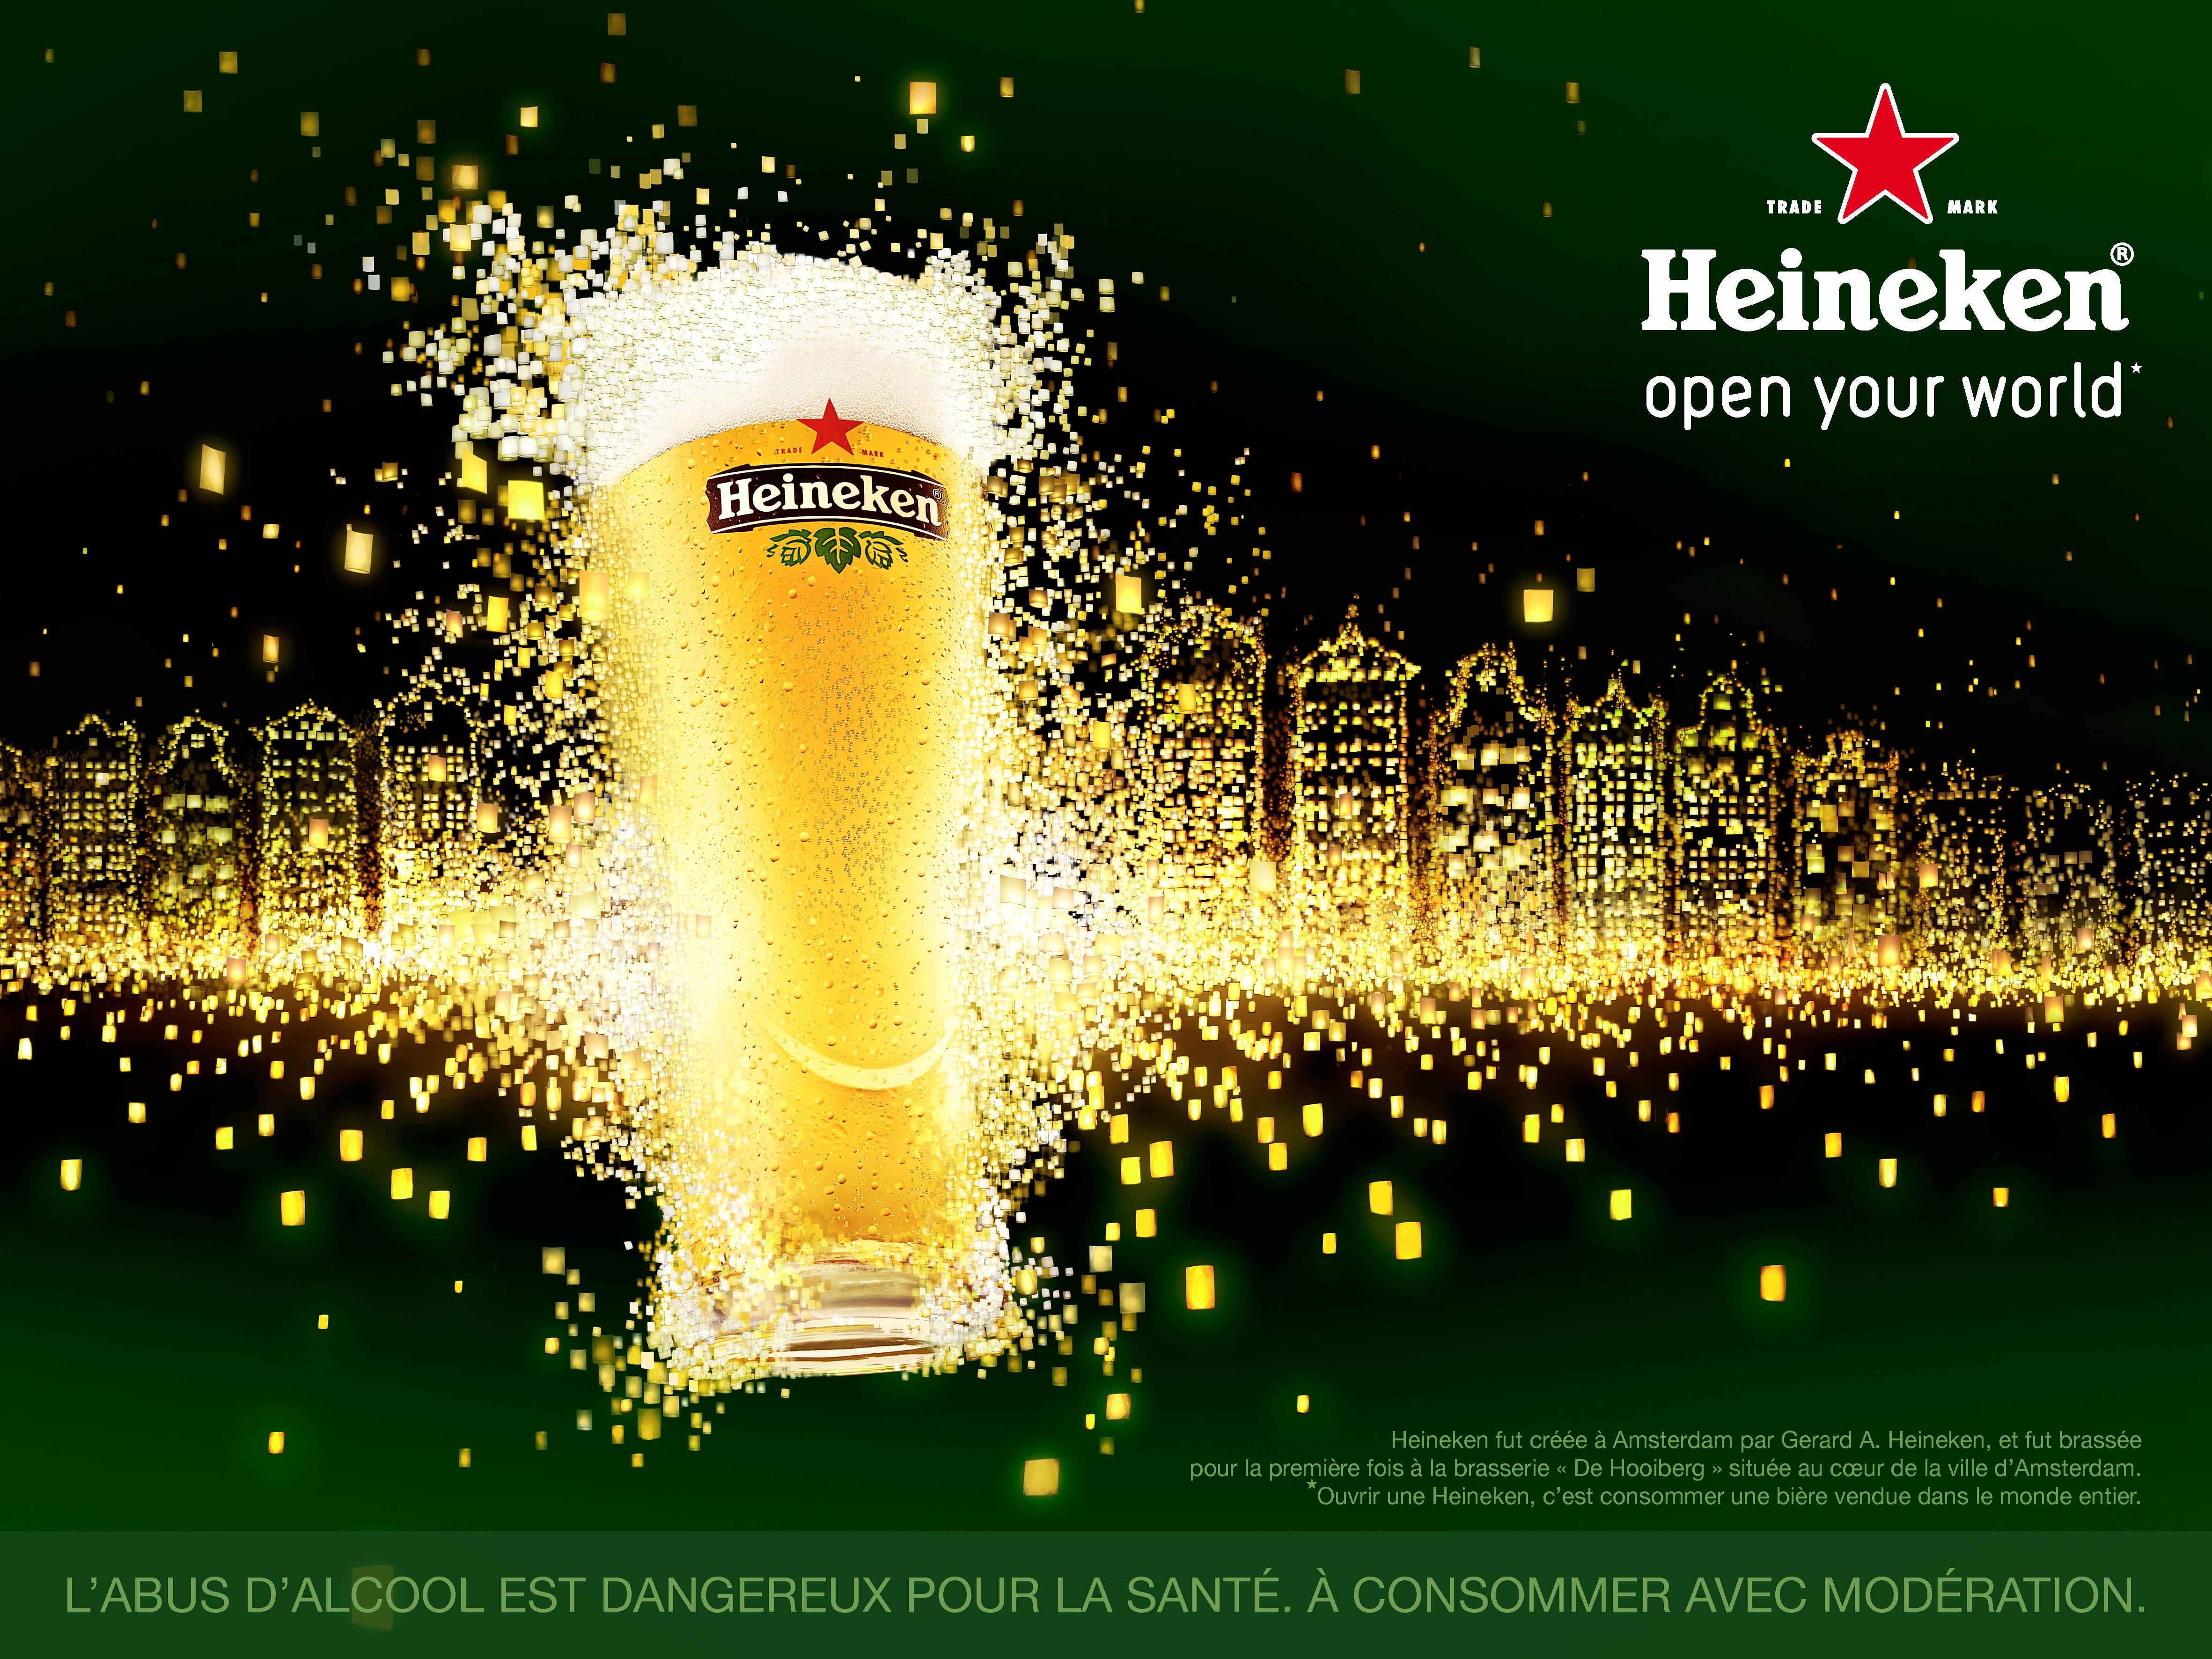 leader de la bière blonde heineken relève le défi de rester numéro 1 avec Publicis